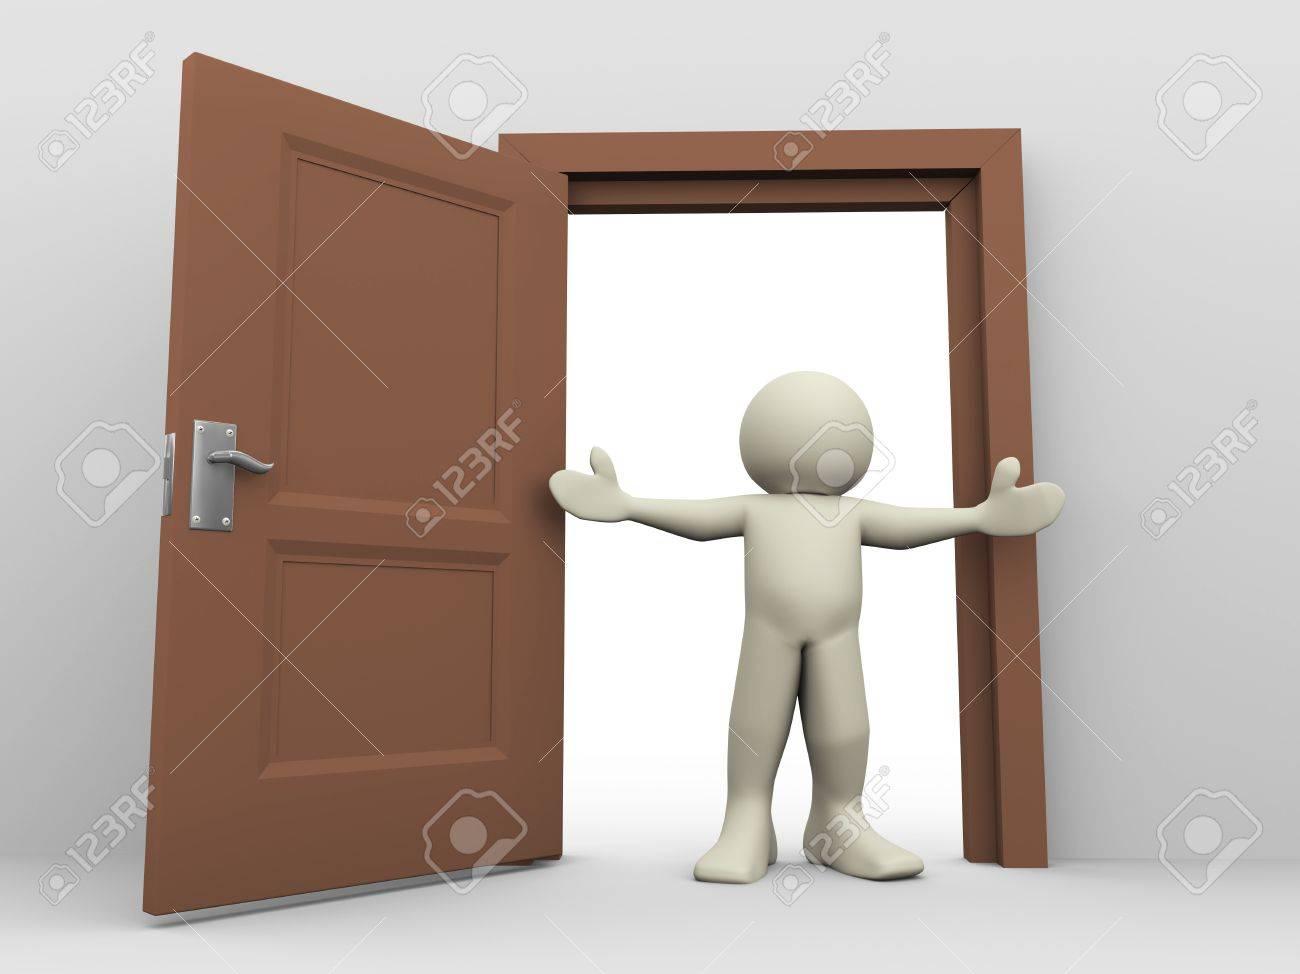 3d Render Of Man In Front Of Open Door 3d Illustration Of Human